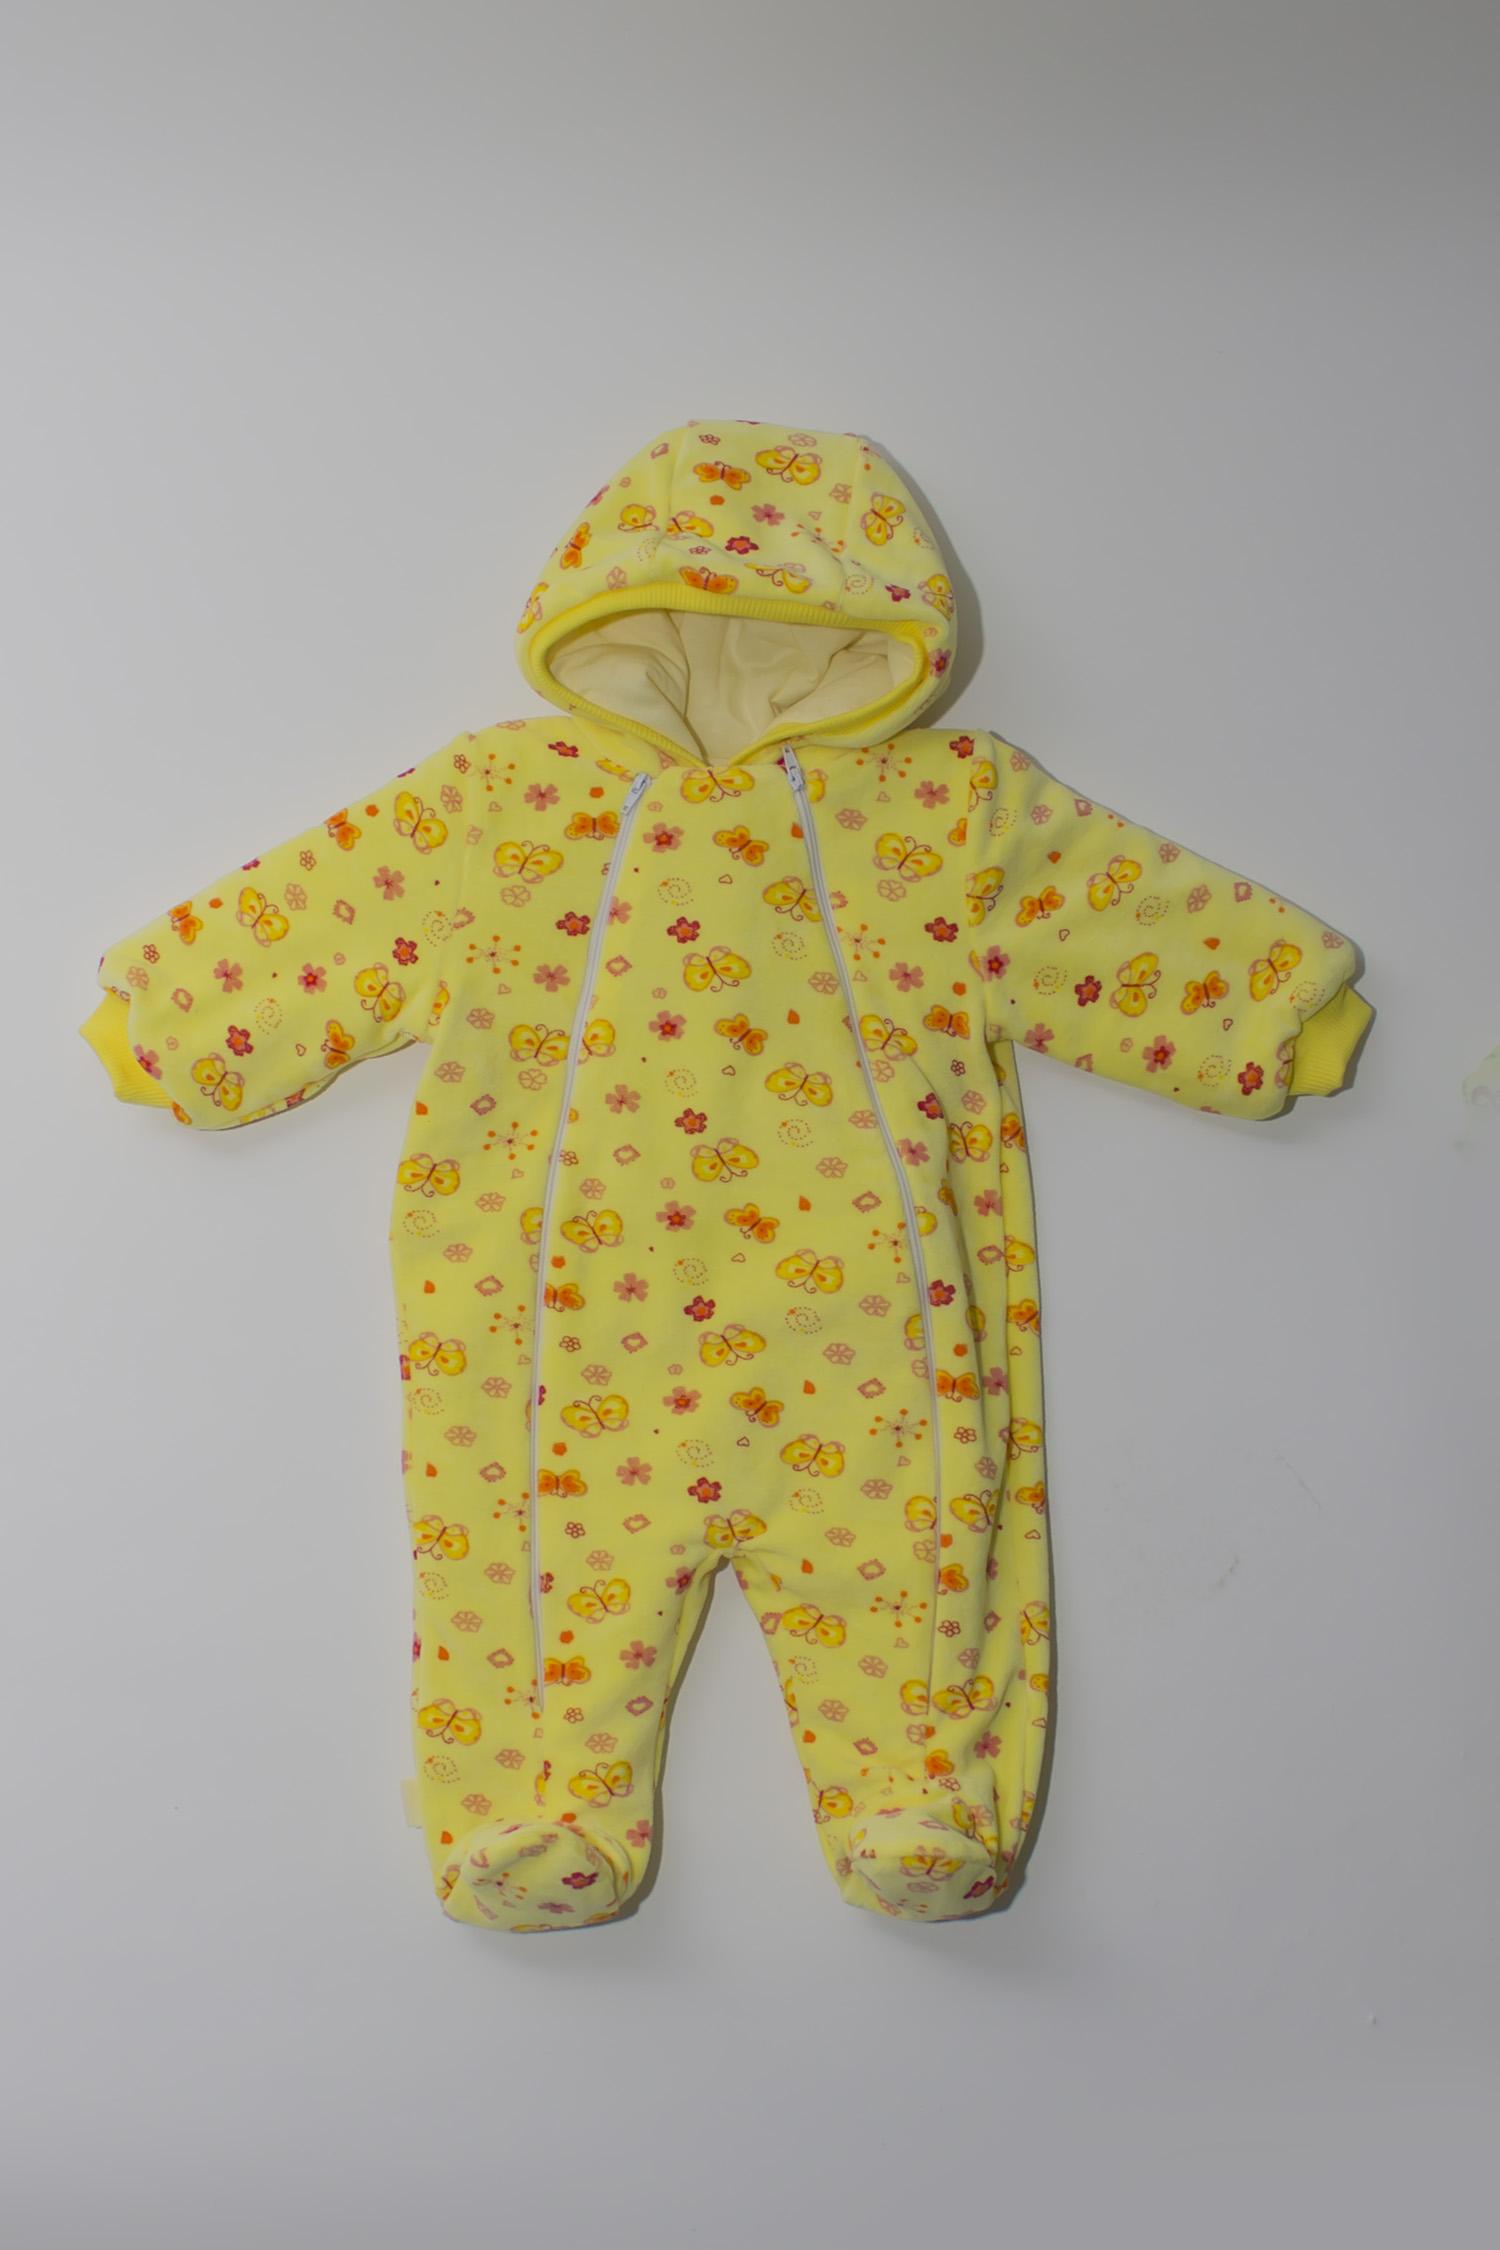 Купить со скидкой Комбинезон желтый из текстиля для малышей